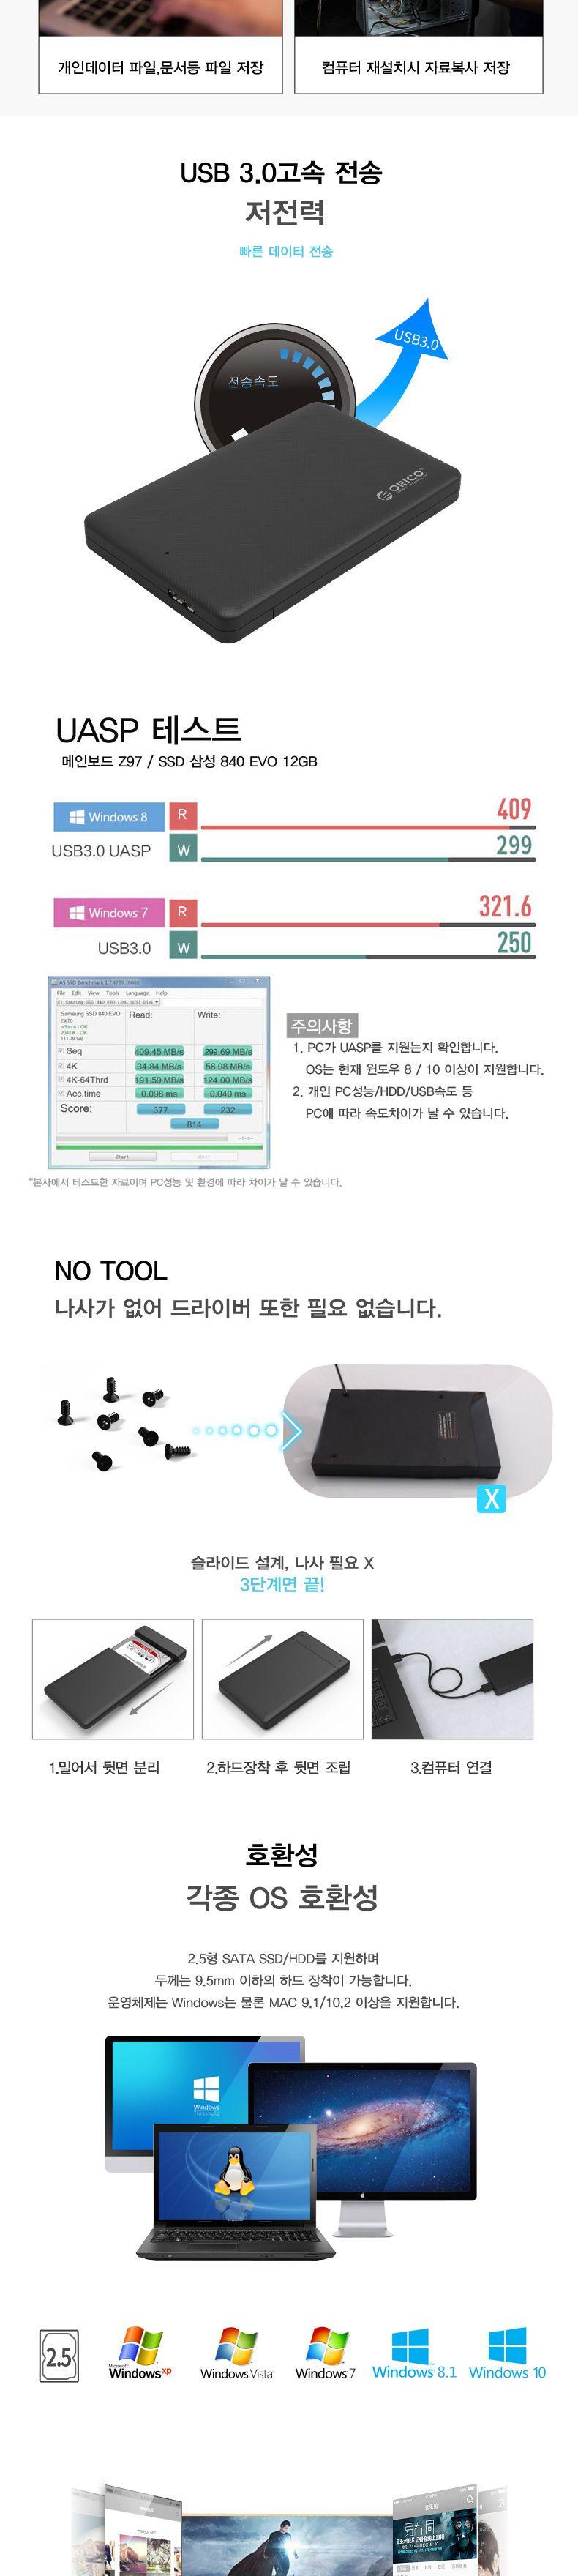 정품인증점 오리코 2577U3 SSD HDD USB3.0 외장케이스 파일보관하드 컴퓨터외장하드 경량하드 파일백업하드 경량외장하드